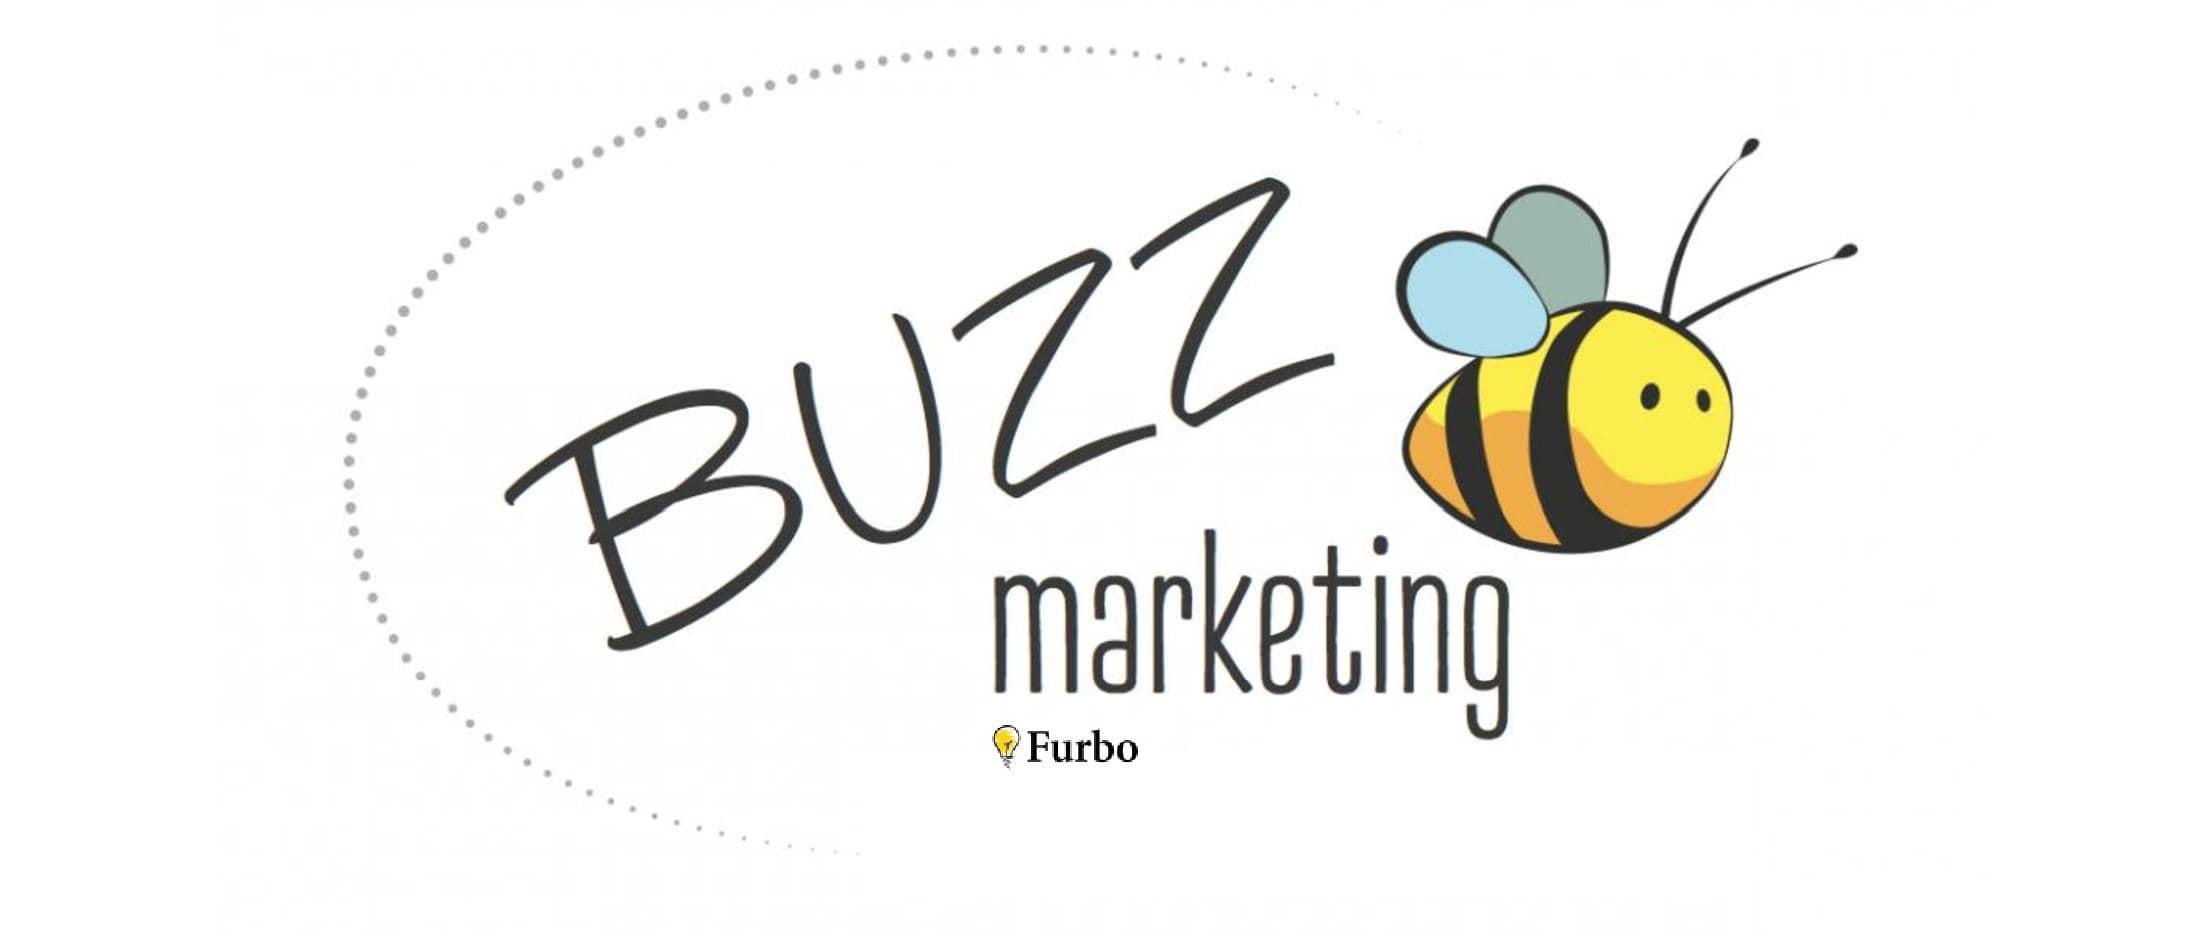 بازاریابی همهمهای یا بازاریابی سر و صدا